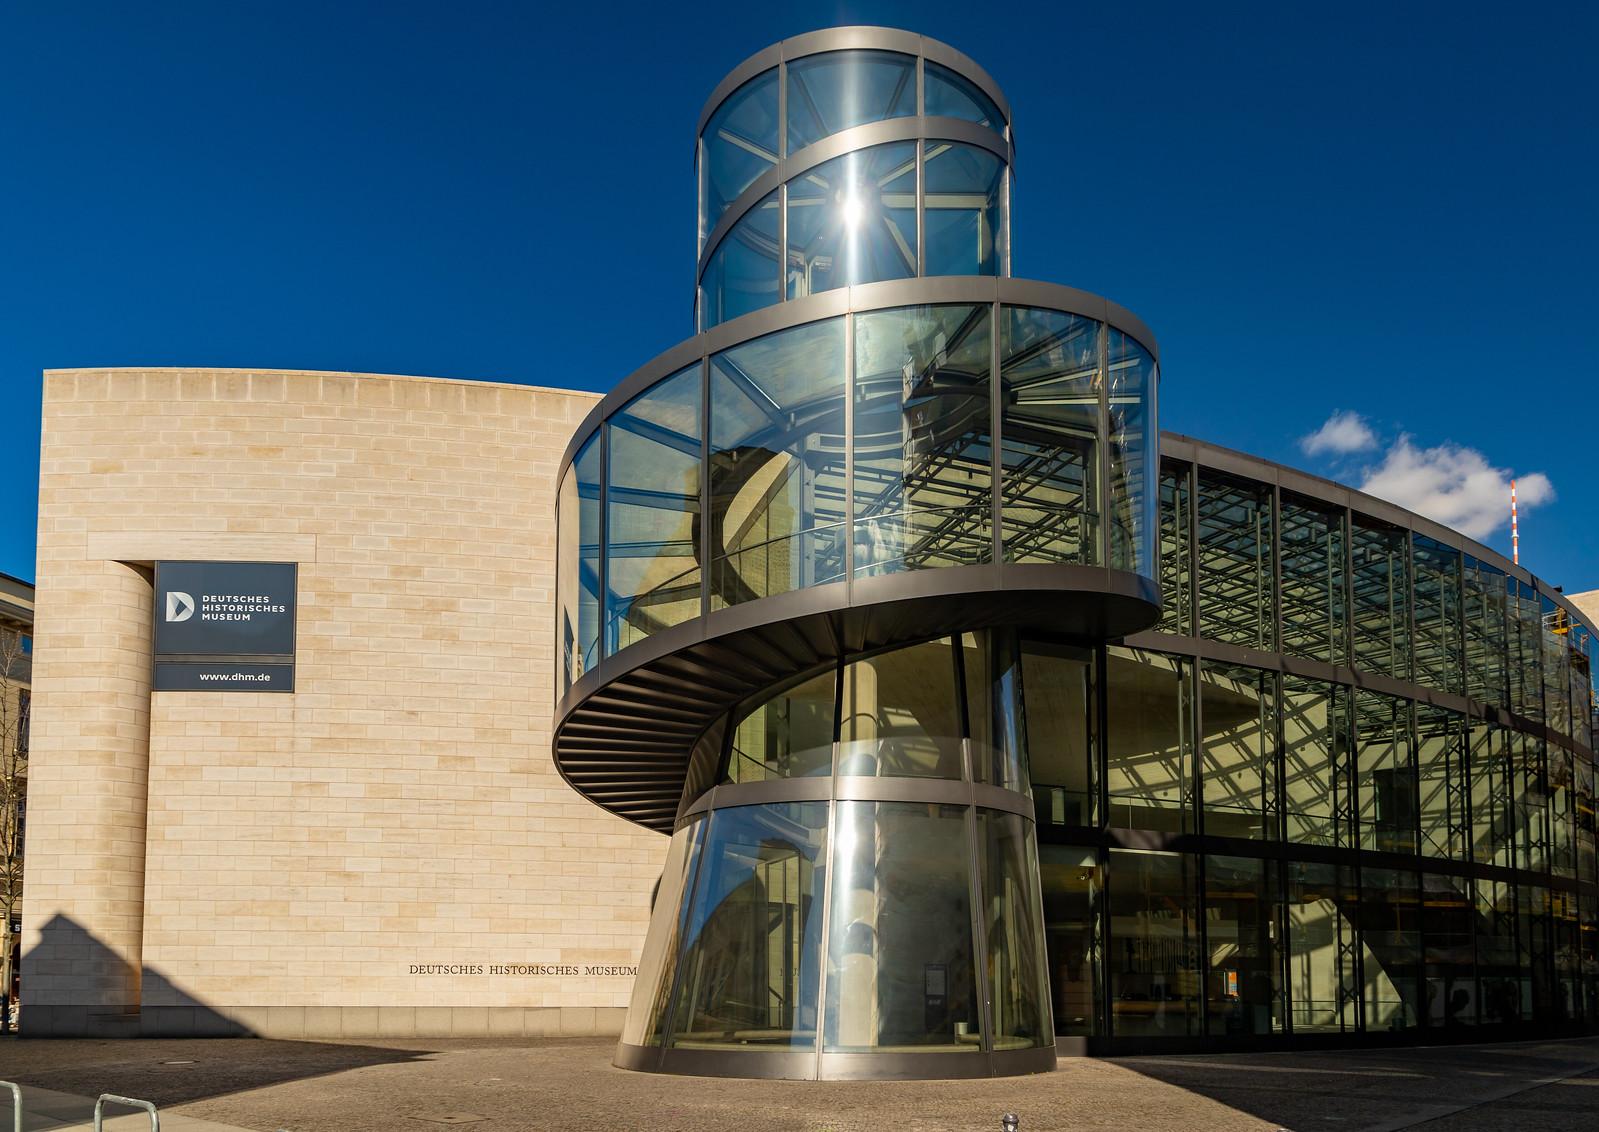 Das Deutsche Historische Museum